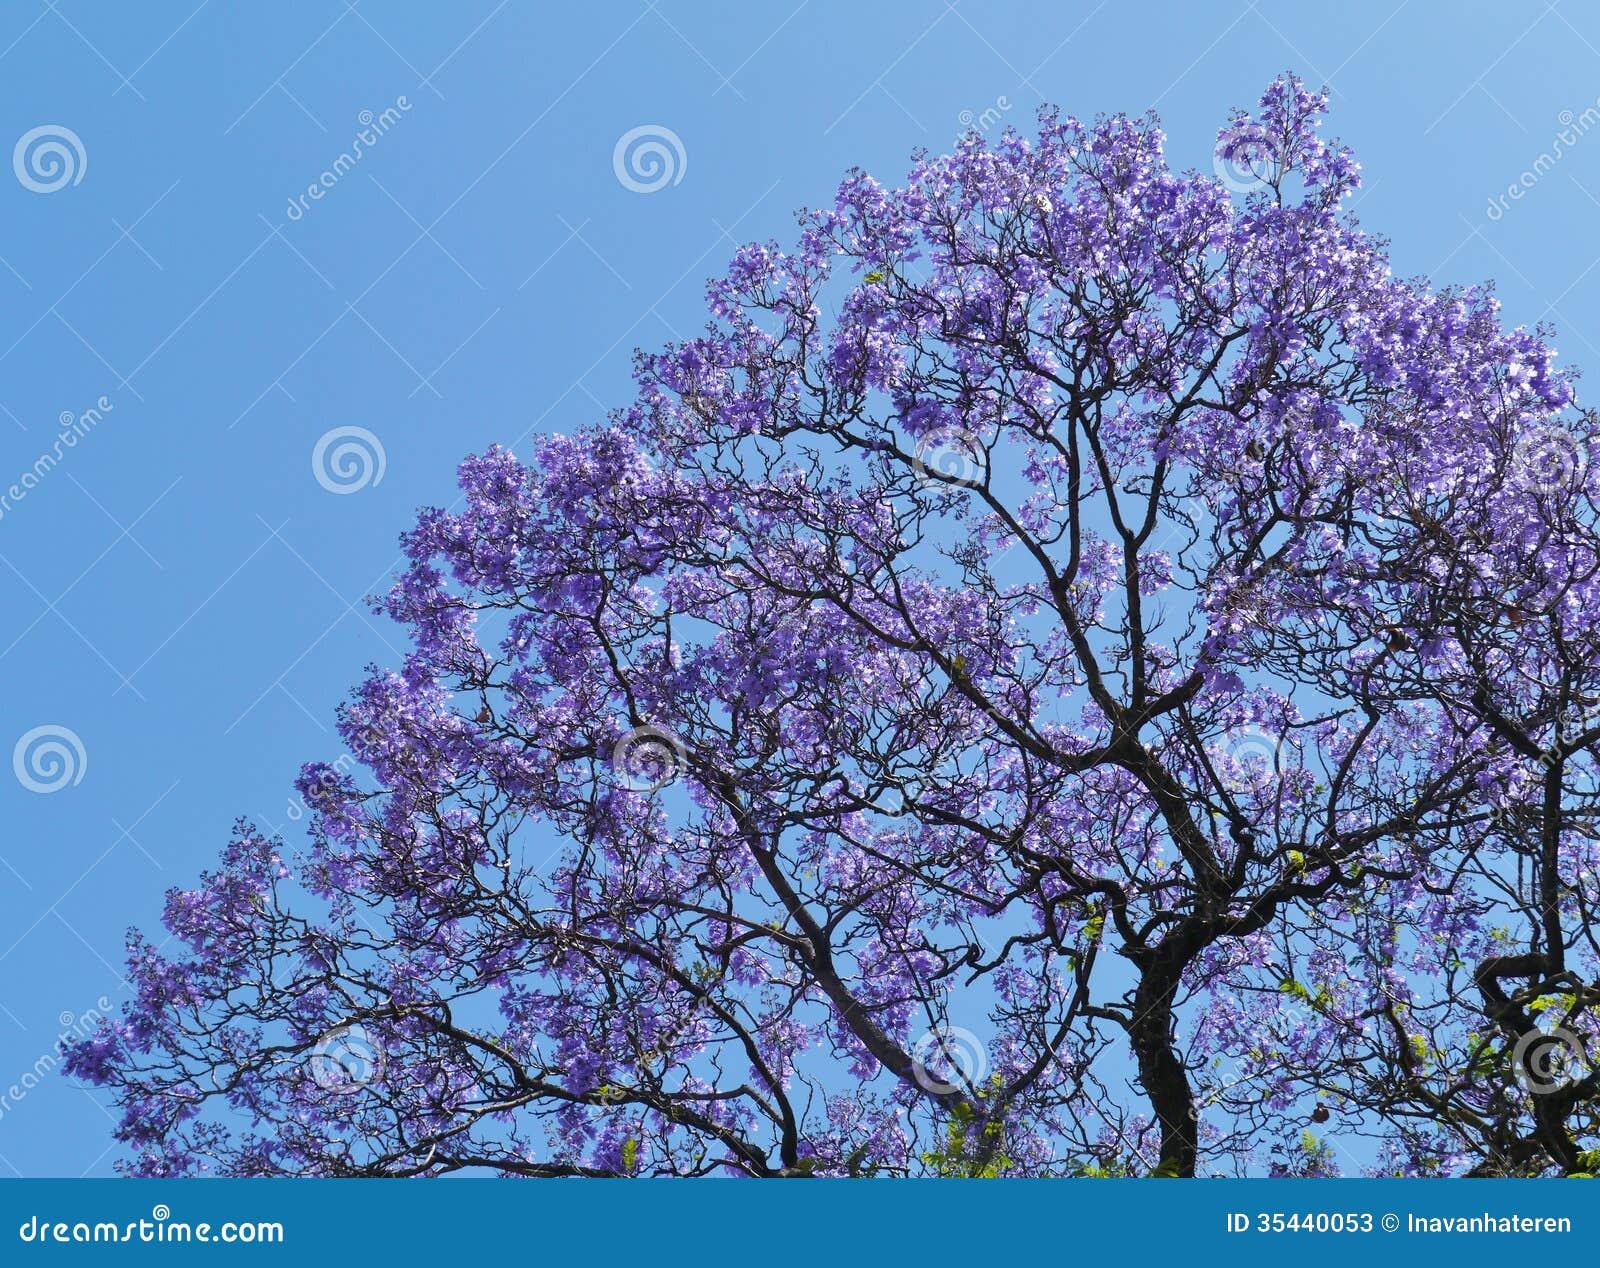 fleurs violettes dans un arbre image stock image du botanique fleuraison 35440053. Black Bedroom Furniture Sets. Home Design Ideas